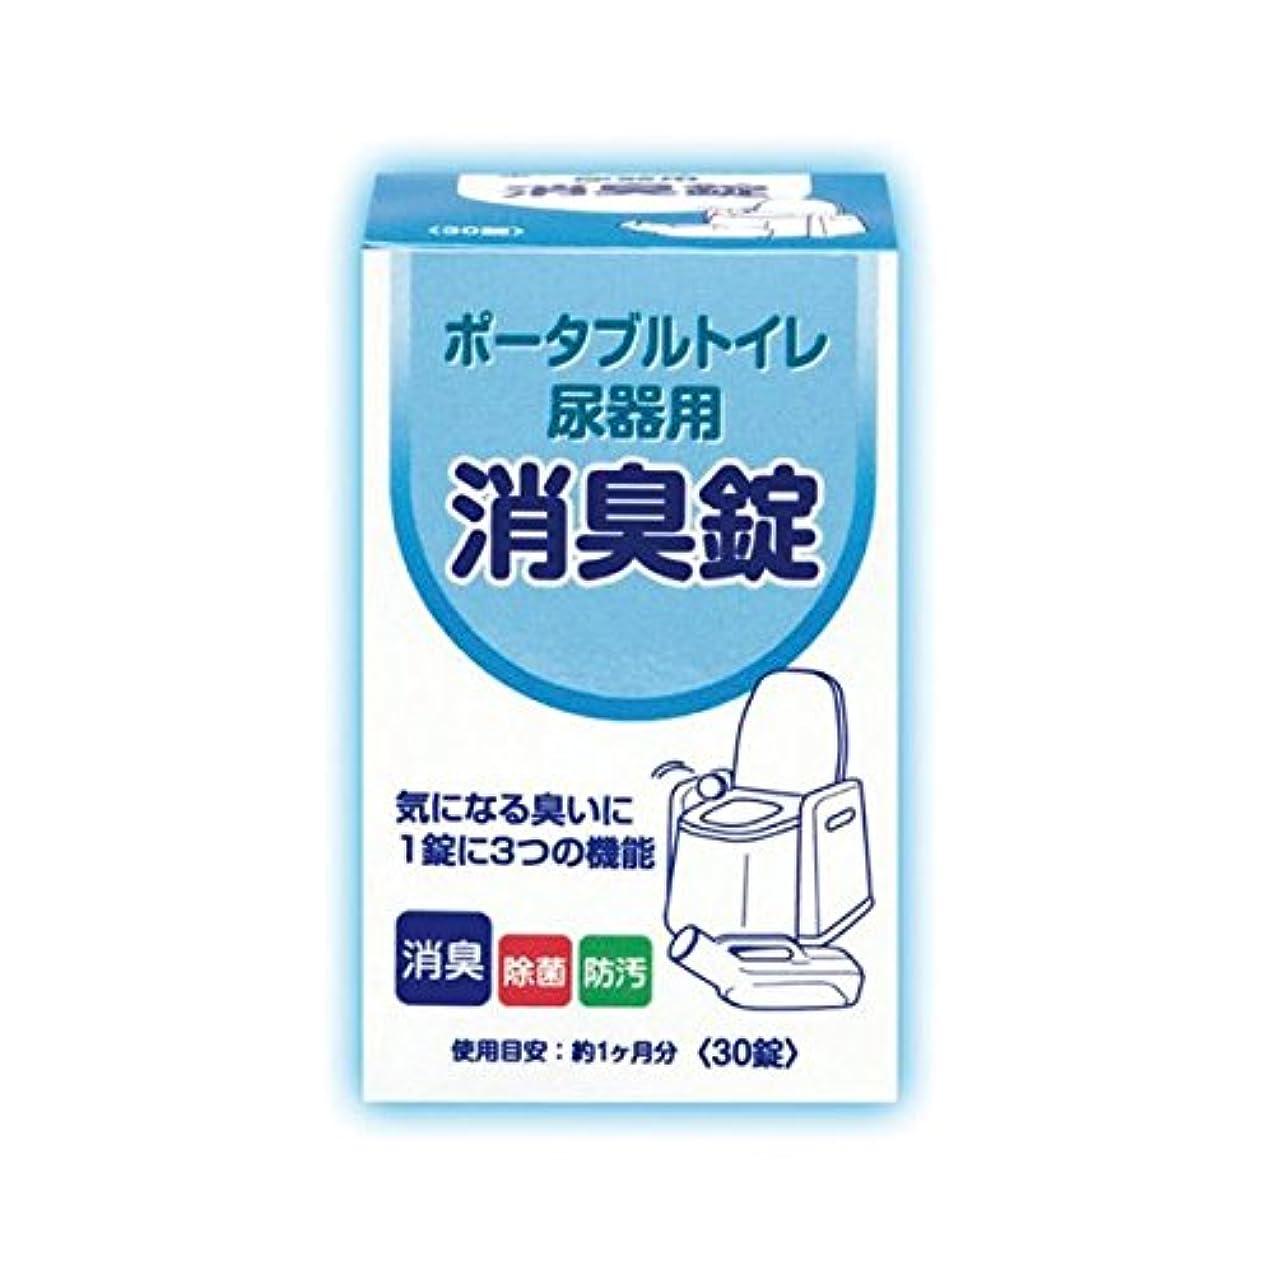 夢チャネルミス(業務用10セット) 浅井商事 ポータブルトイレ?尿器用消臭錠30錠 ds-1913484